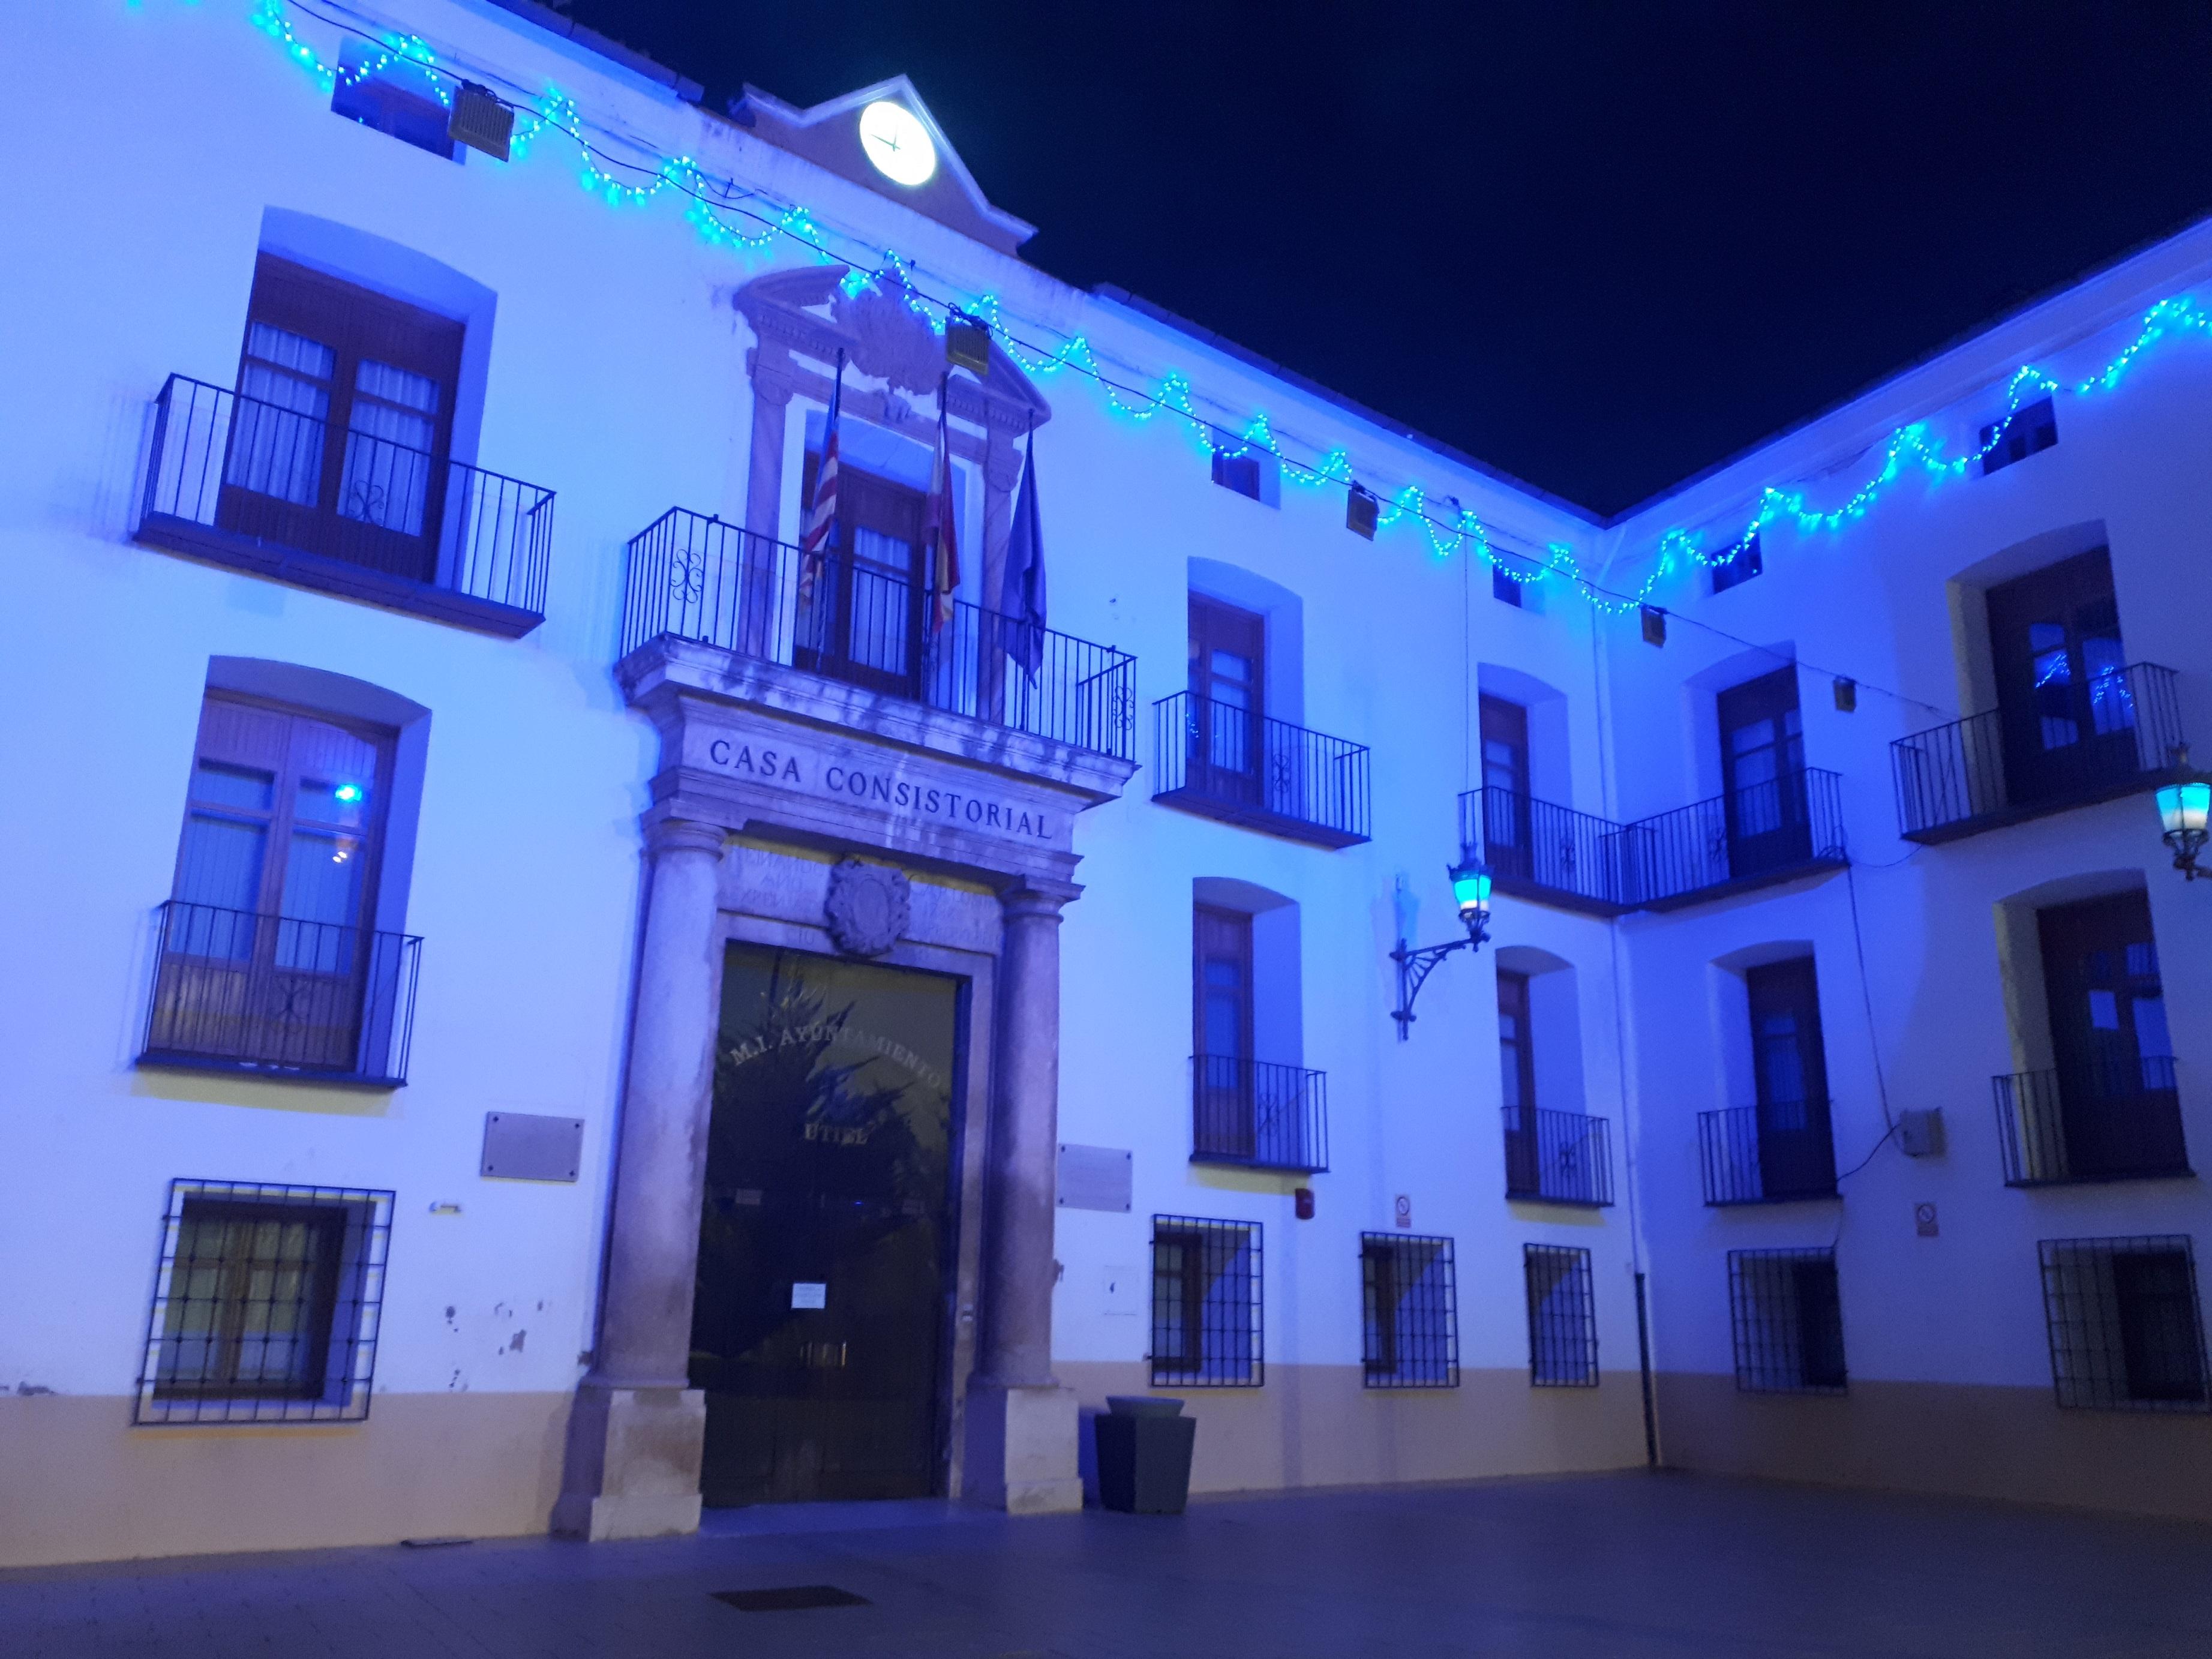 La fachada del Ayuntamiento de Utiel y el monumento de la Puerta del Sol se tiñen de azul como muestra de solidaridad con el colectivo TEA.